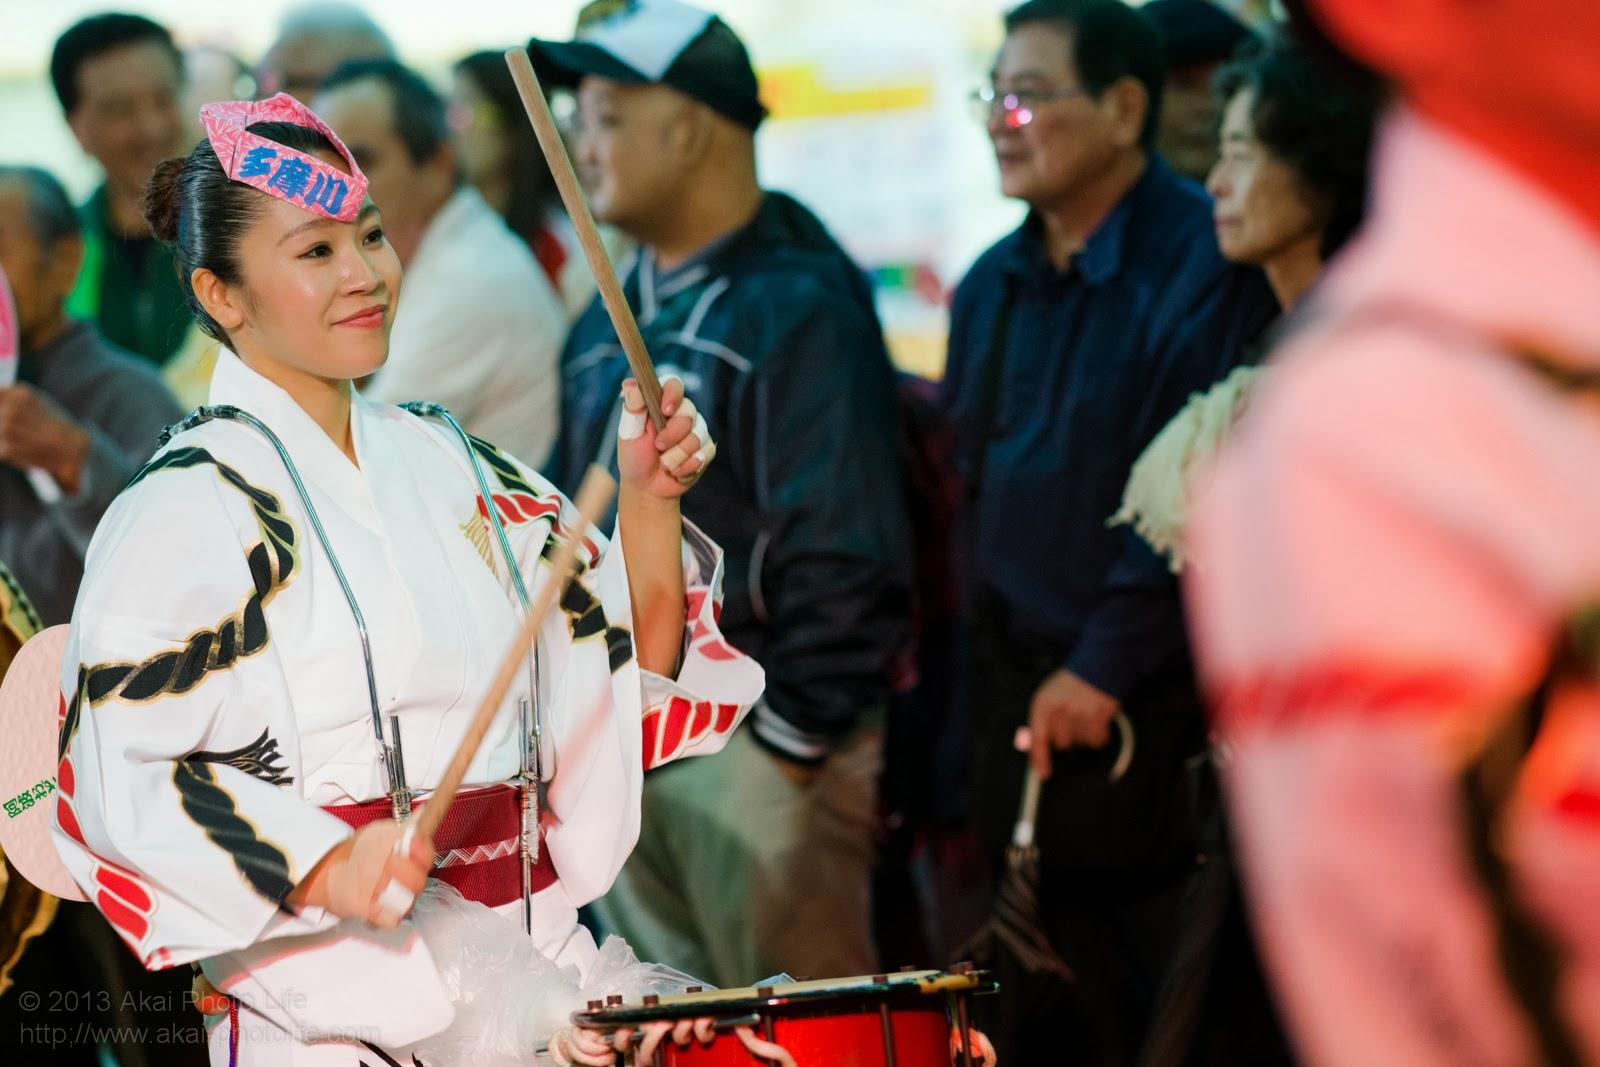 かわさき阿波おどり、多摩川丸子連、女性の鳴り物